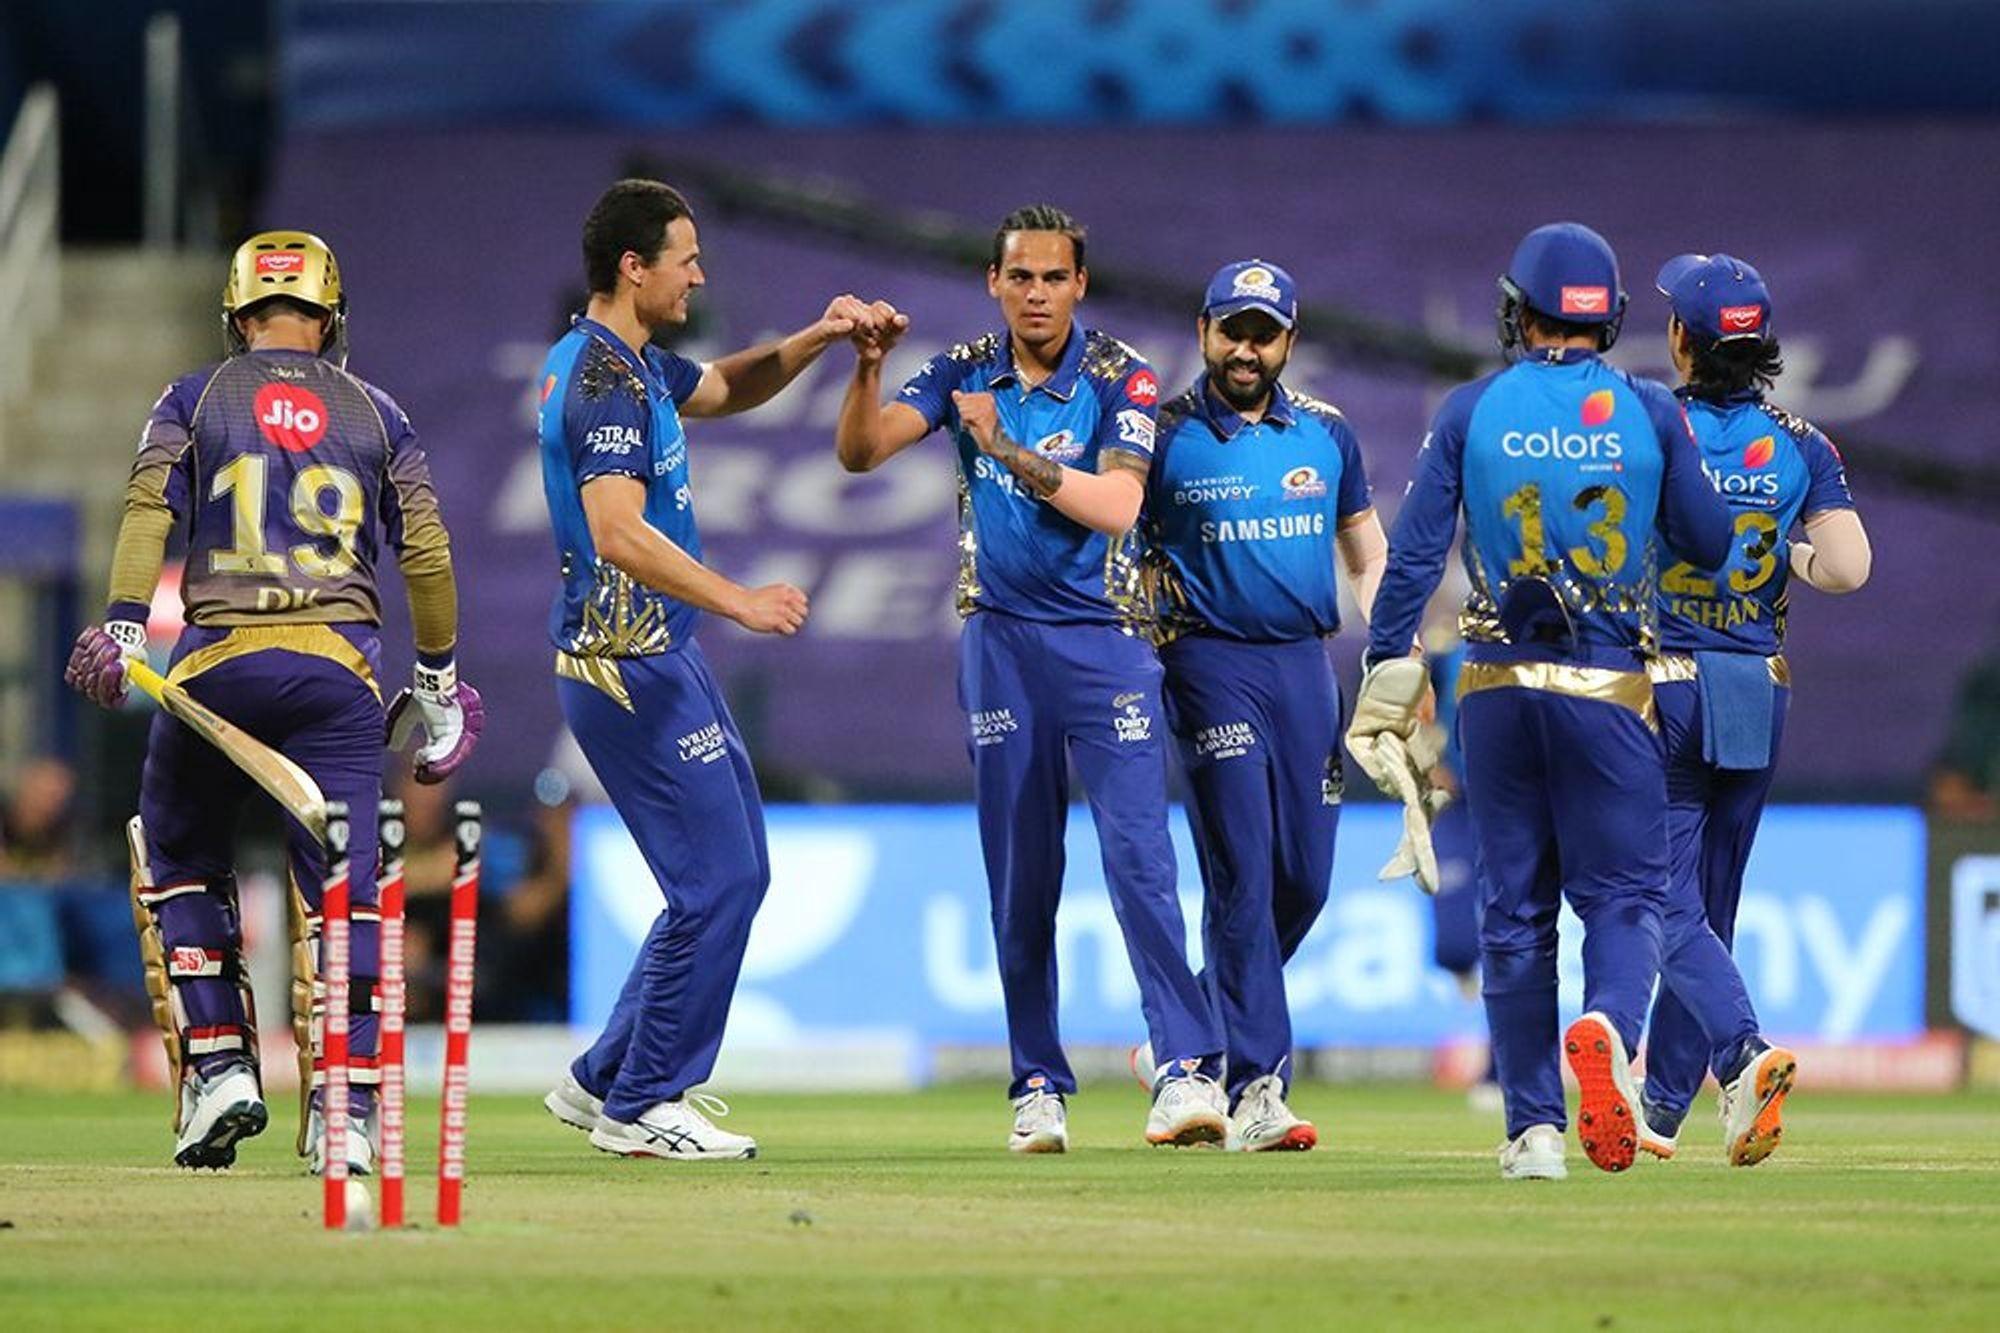 कोलकत्ता नाइट राइडर्सलाई हराउँदै मुम्बई इन्डियन्स शीर्ष स्थानमा